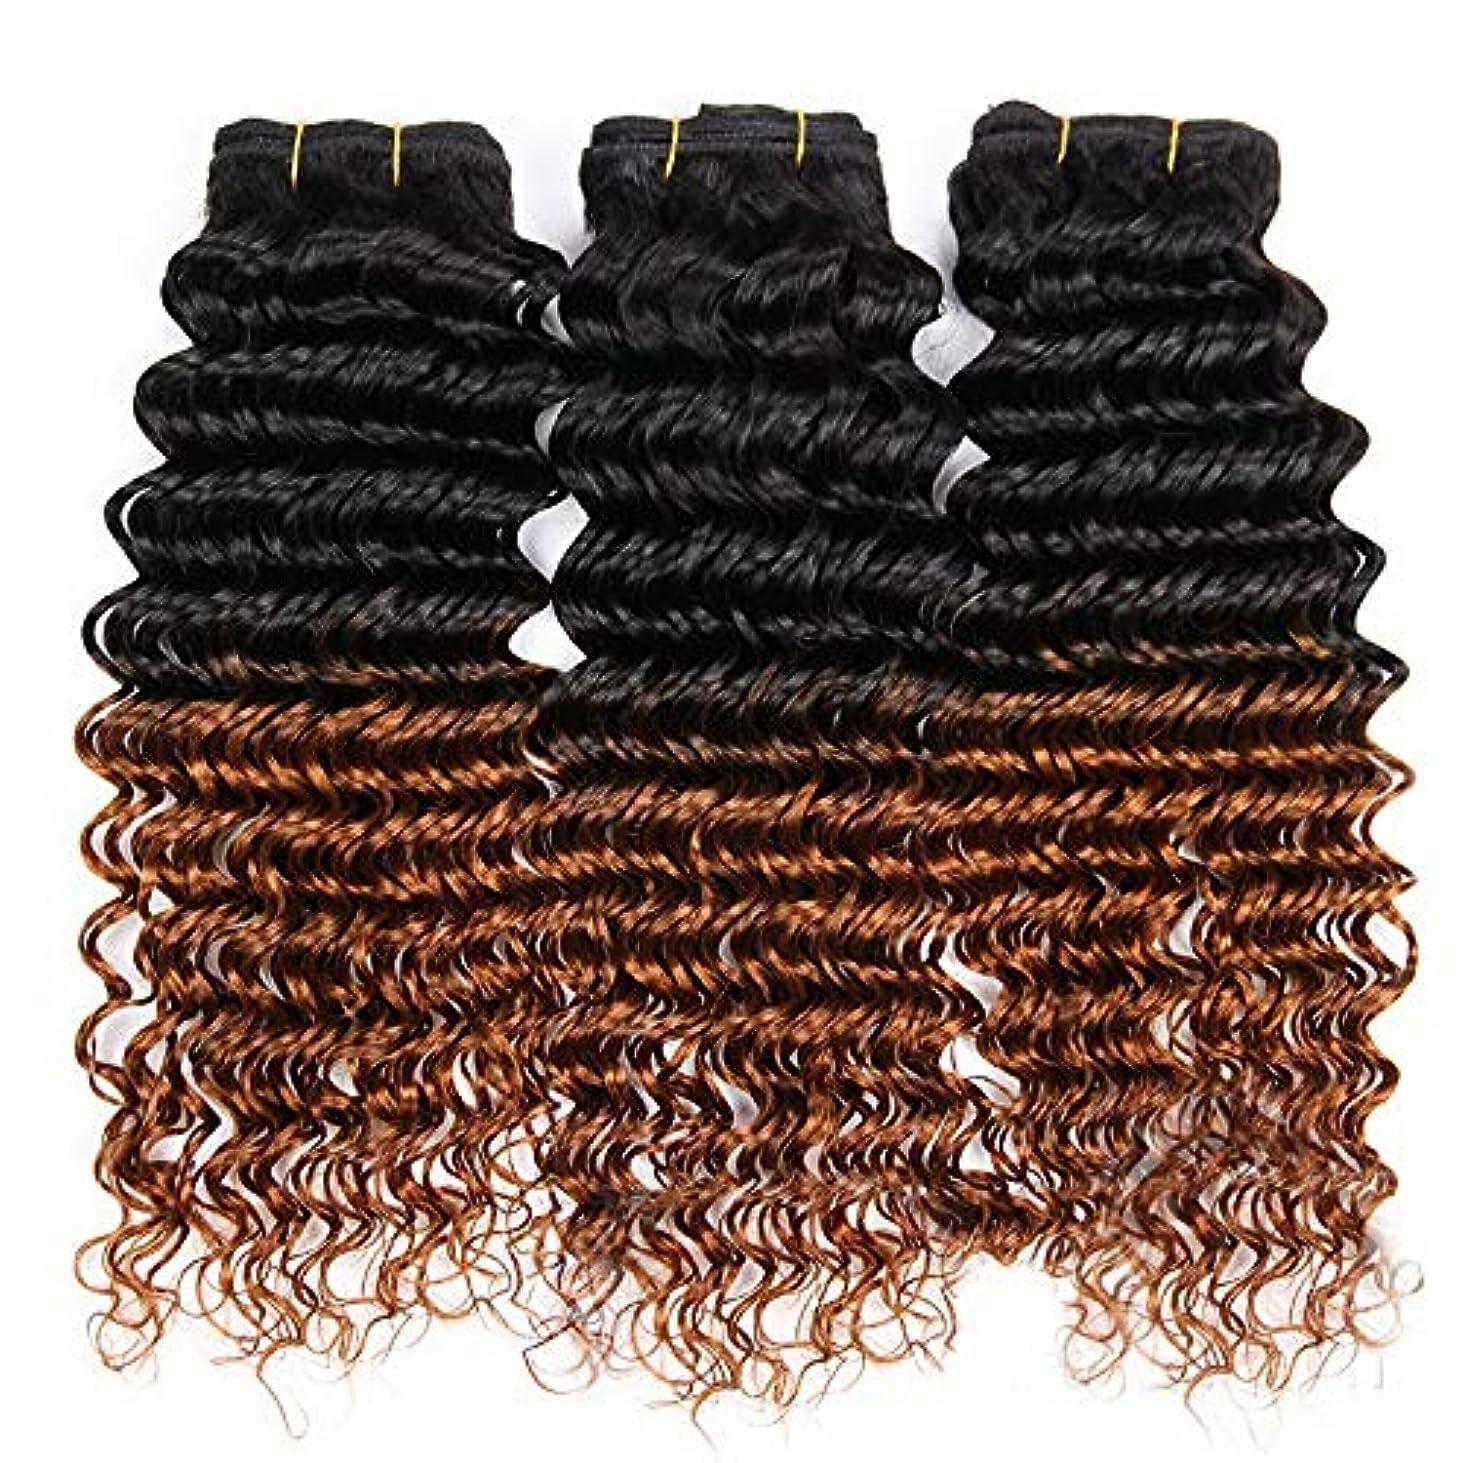 ヘロイン期待する硬いHOHYLLYA 100%人毛横糸ディープウェーブカーリーヘアバンドル - 1B / 30ブラックtoブラウン2トーンカラーヘアエクステンションロングカーリーウィッグ (色 : ブラウン, サイズ : 12 inch)